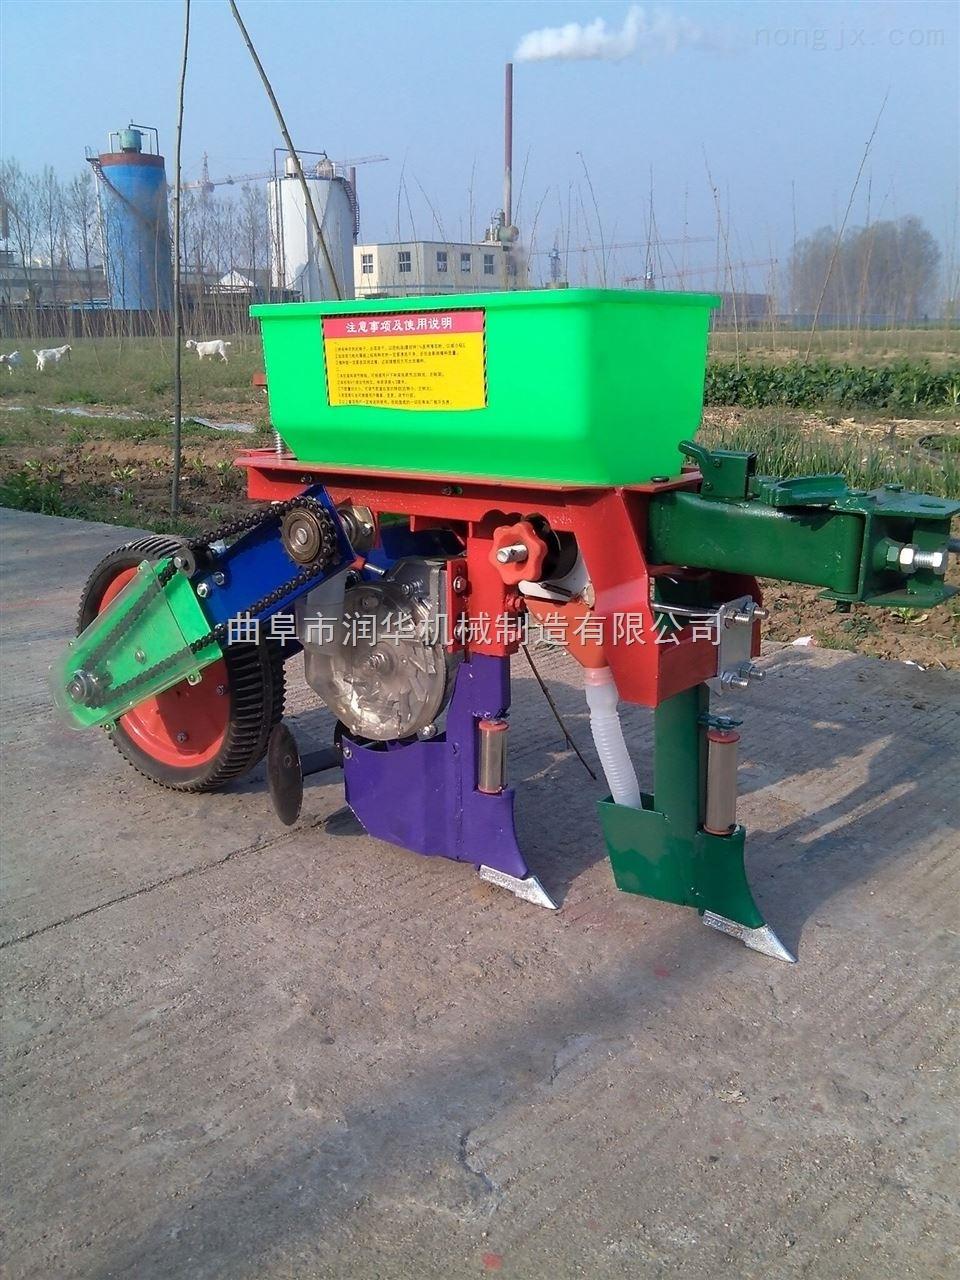 手扶车单行玉米精播机 家用小型玉米播种机